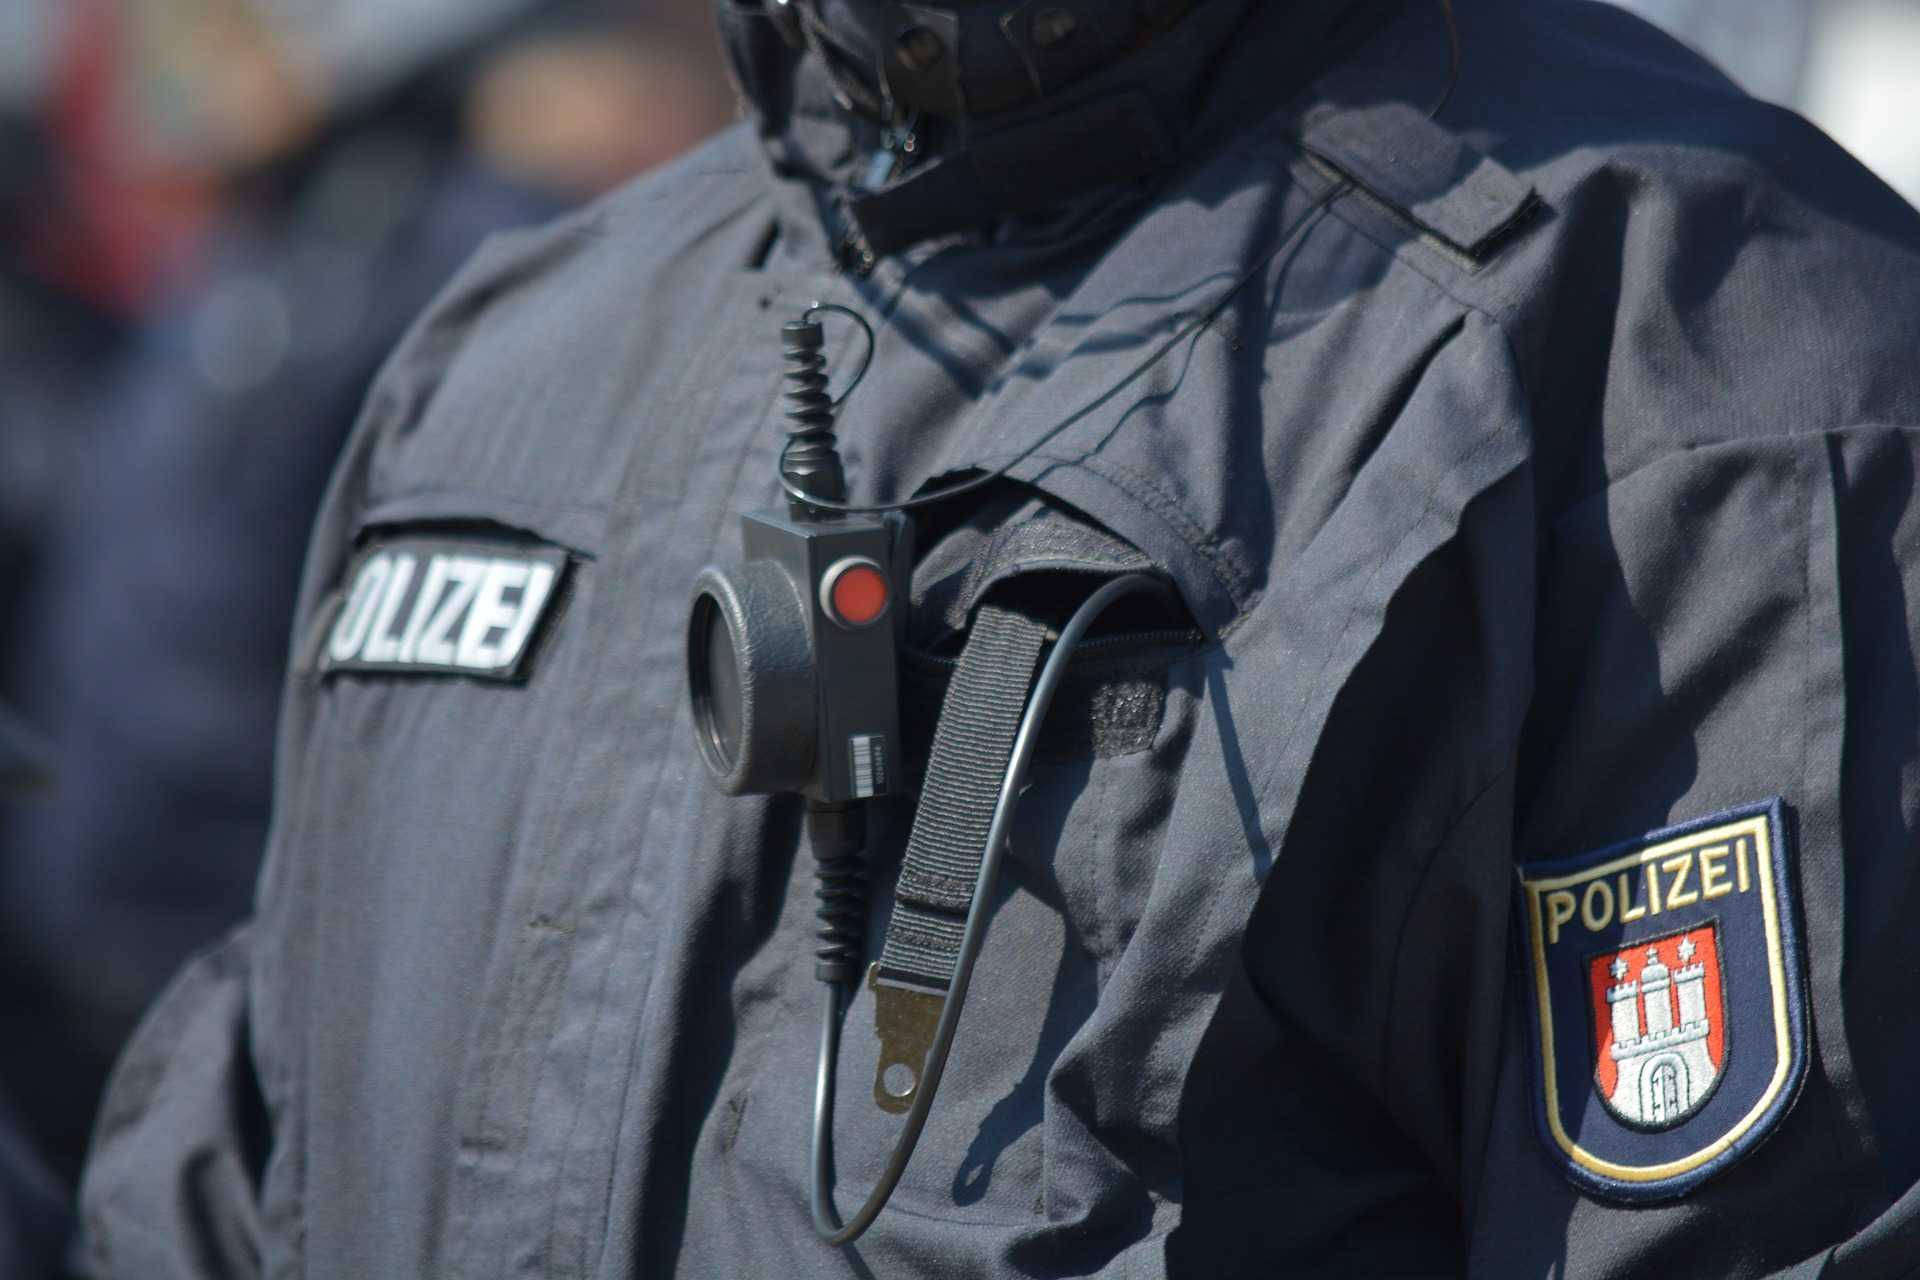 Polizei in Brandeburg speichert Aufnahmen von Körperkameras auf eigenen Rechnern